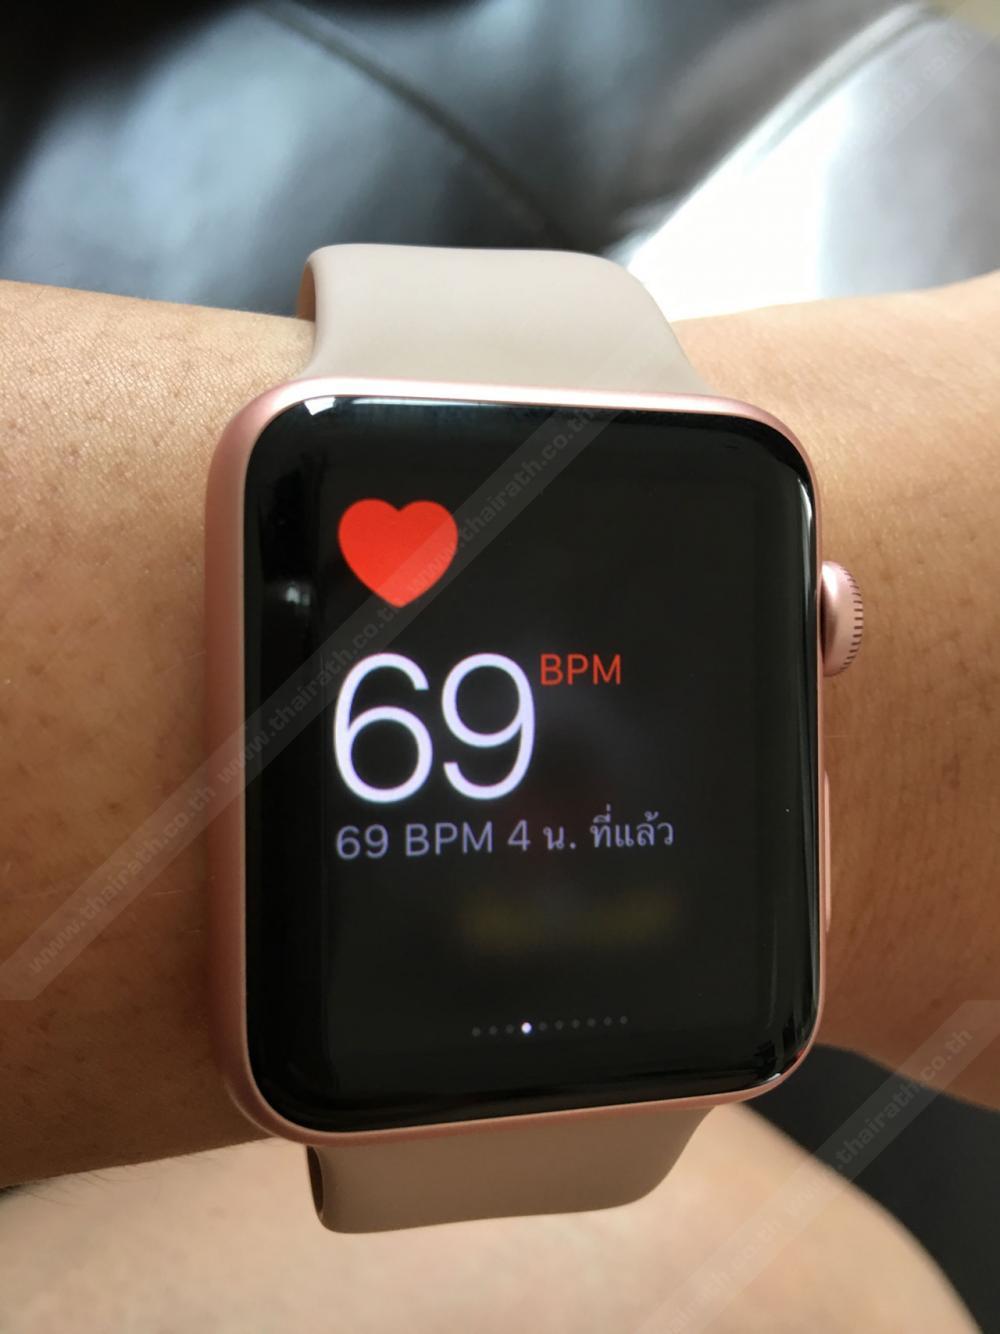 วัดระดับการเต้นหัวใจ...คุณสมบัติที่หลายๆ คนต้องการจากอุปกรณ์สนับสนุนการออกกำลังกาย